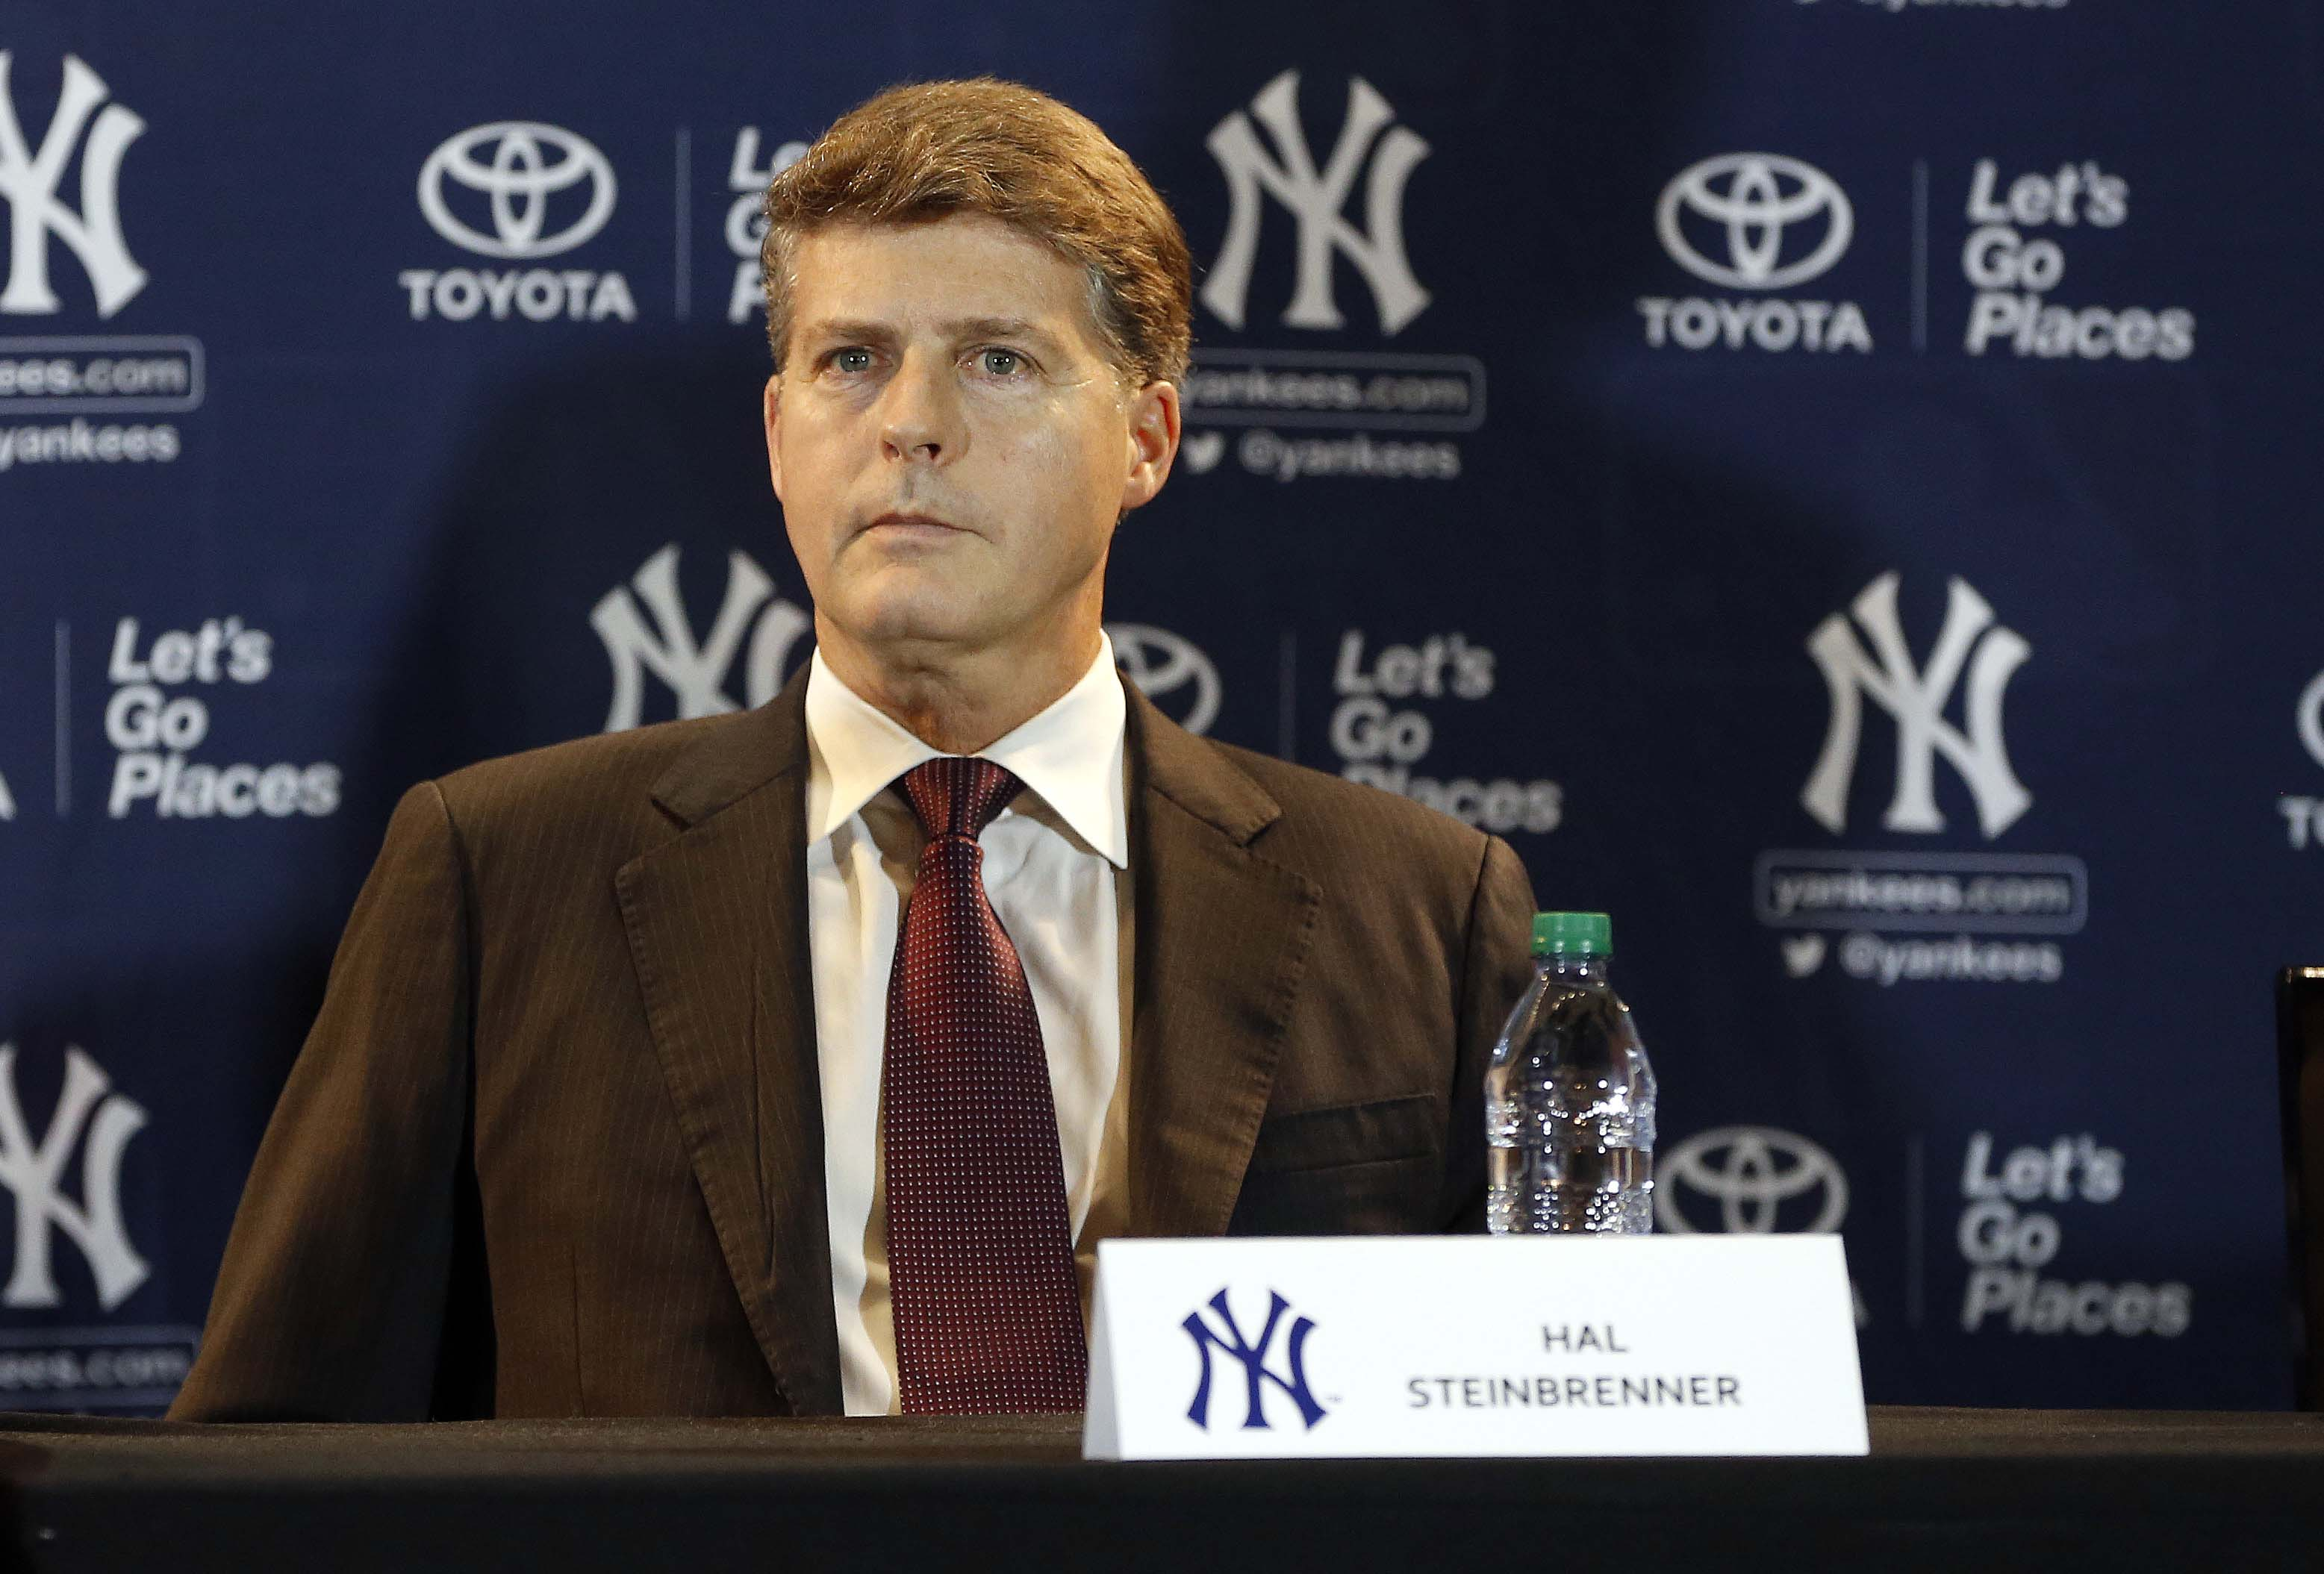 New York Yankees, Hal Steinbrenner